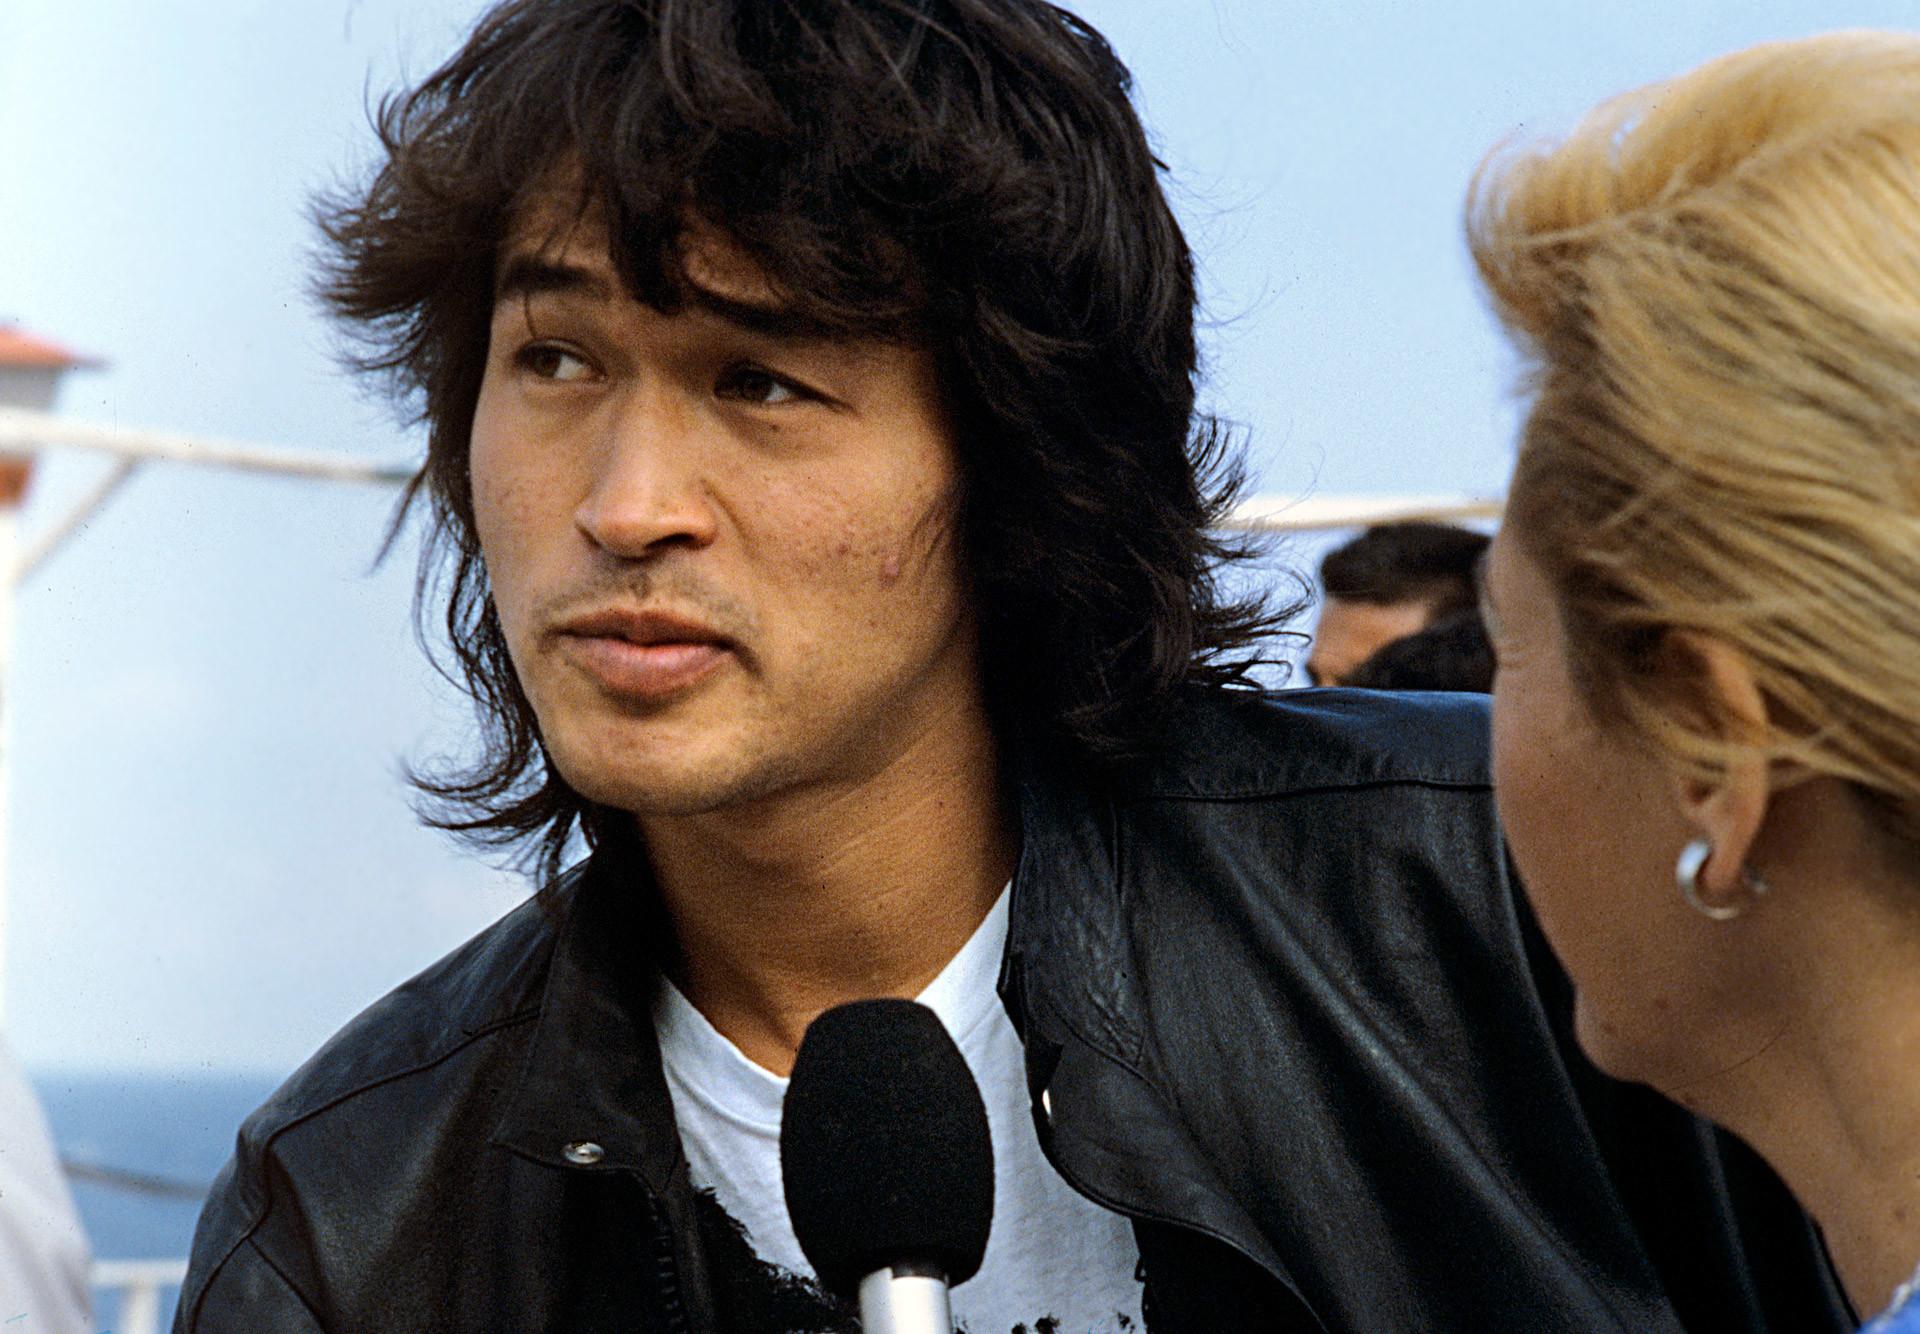 Frontman band Kino Viktor Tsoi dalam festival film Golden Duke. 1988.